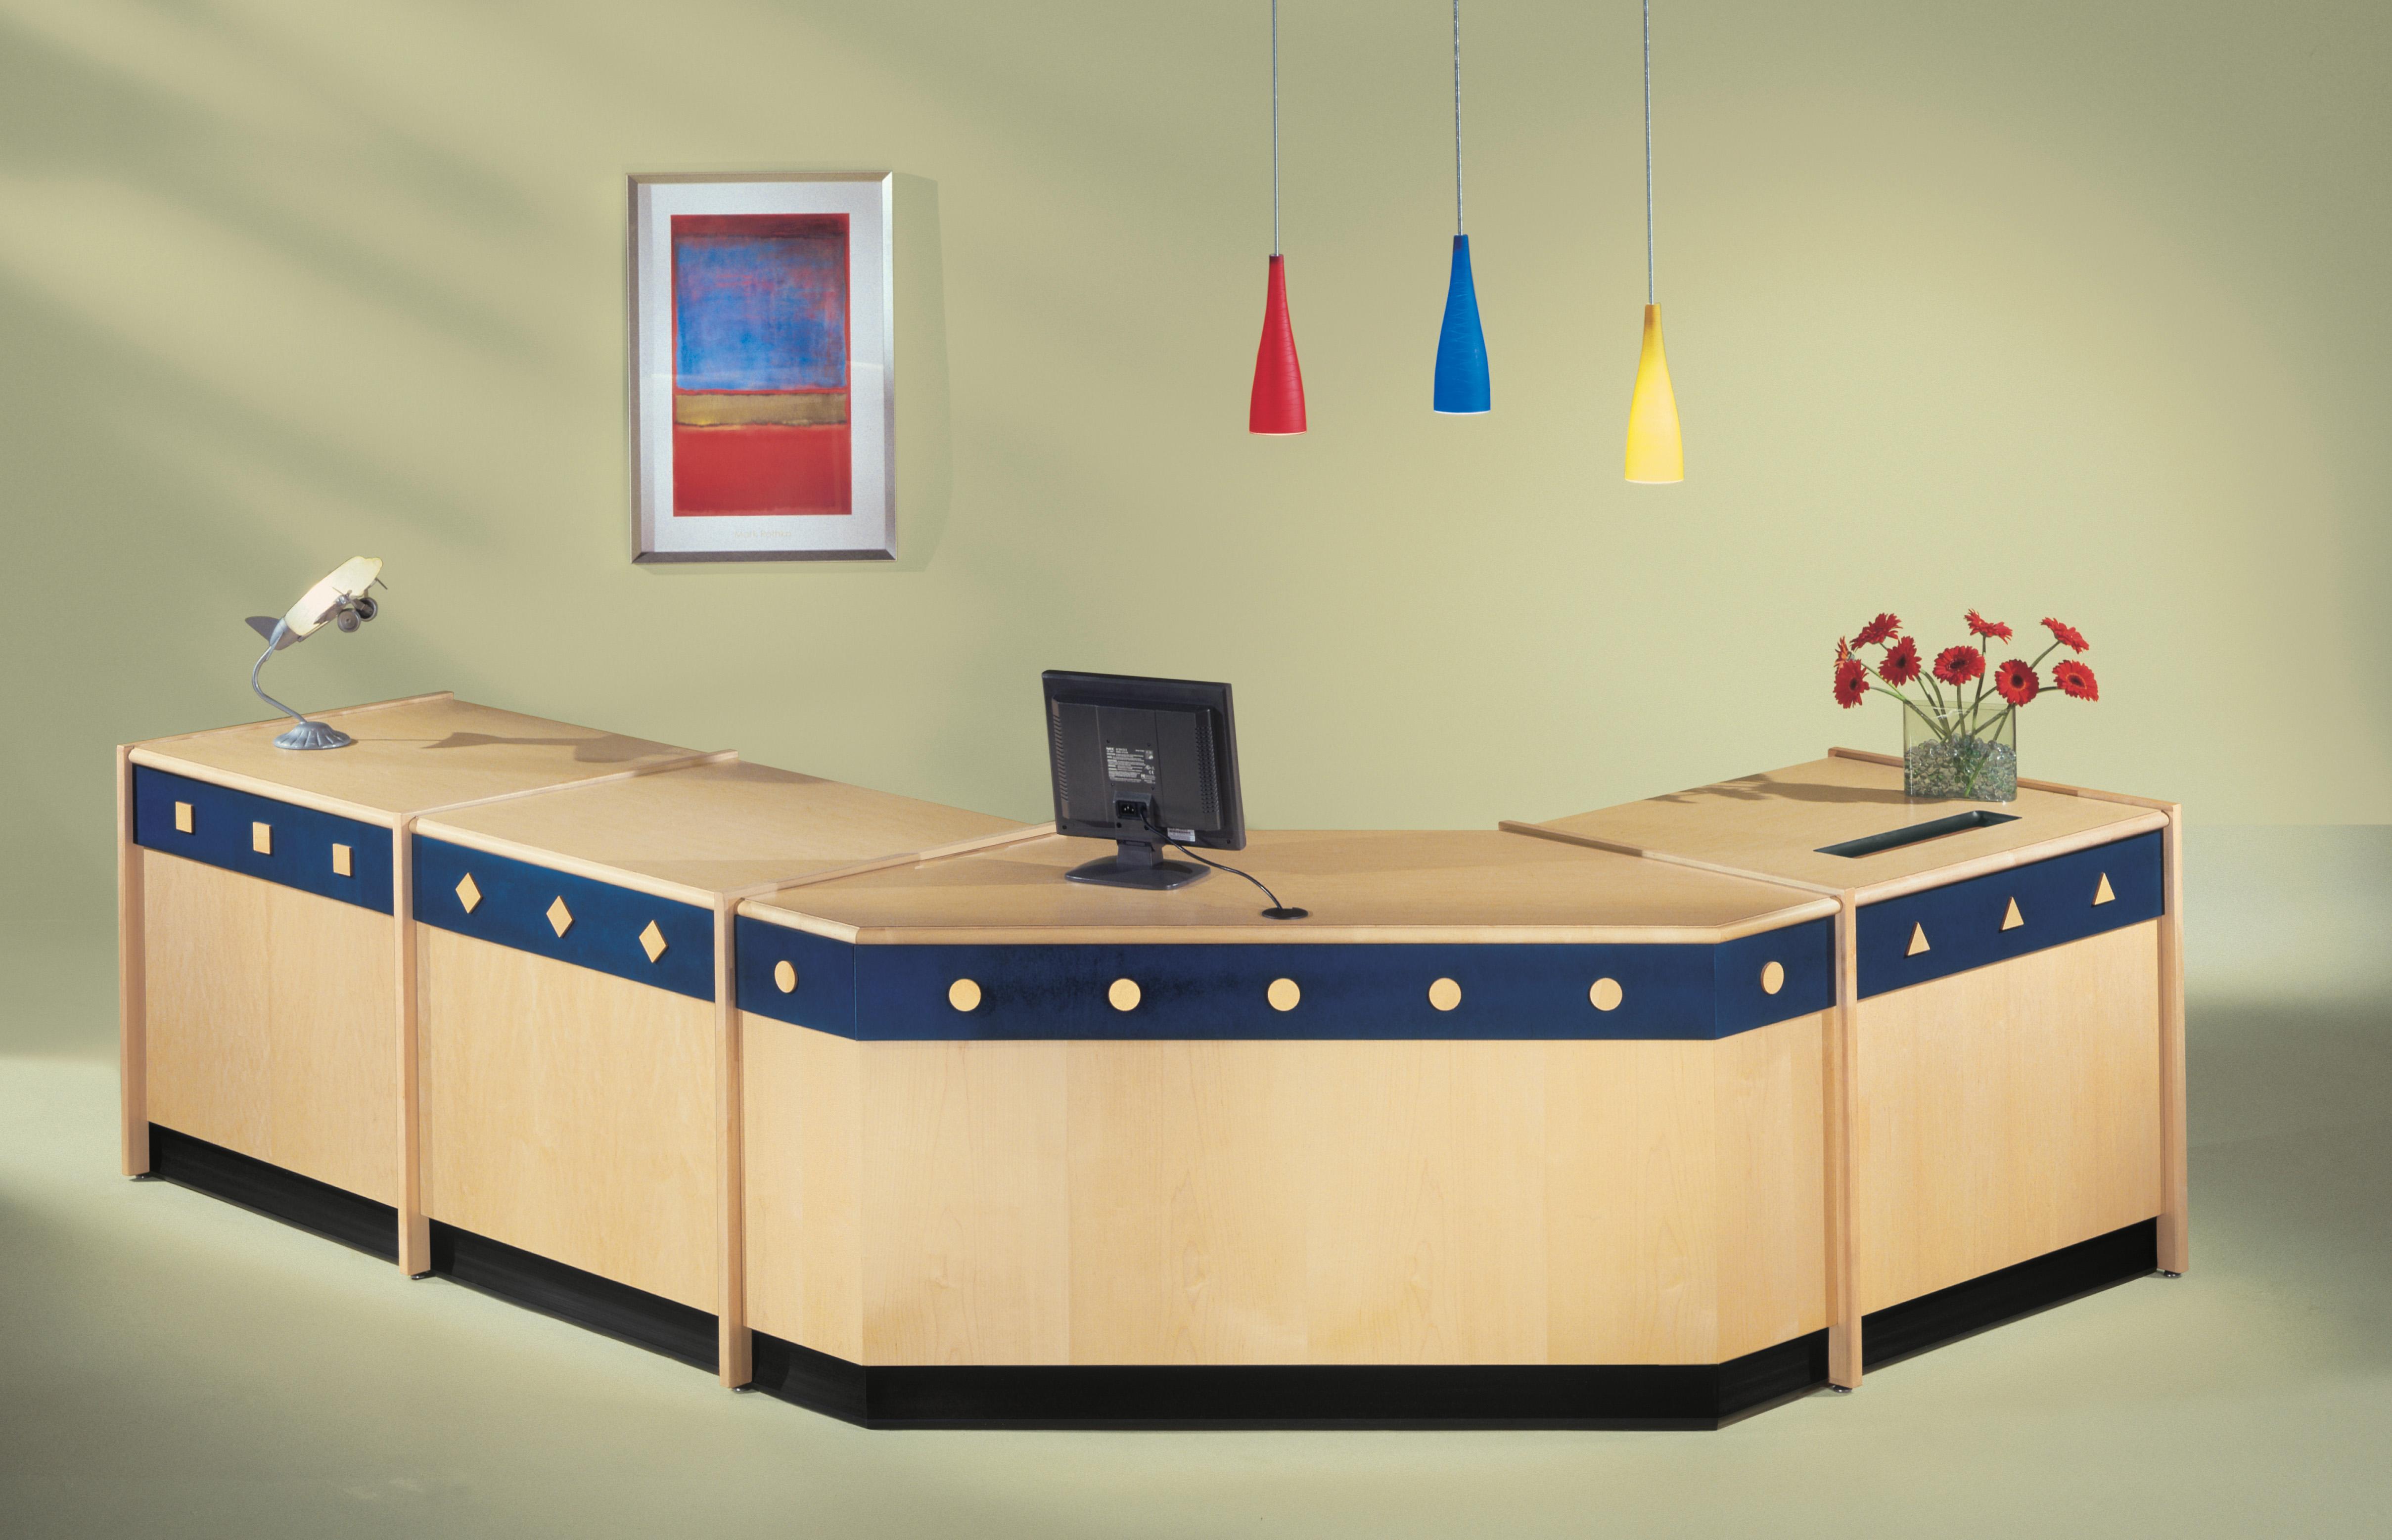 wainwright series library circulation desk - Library Circulation Desk Design